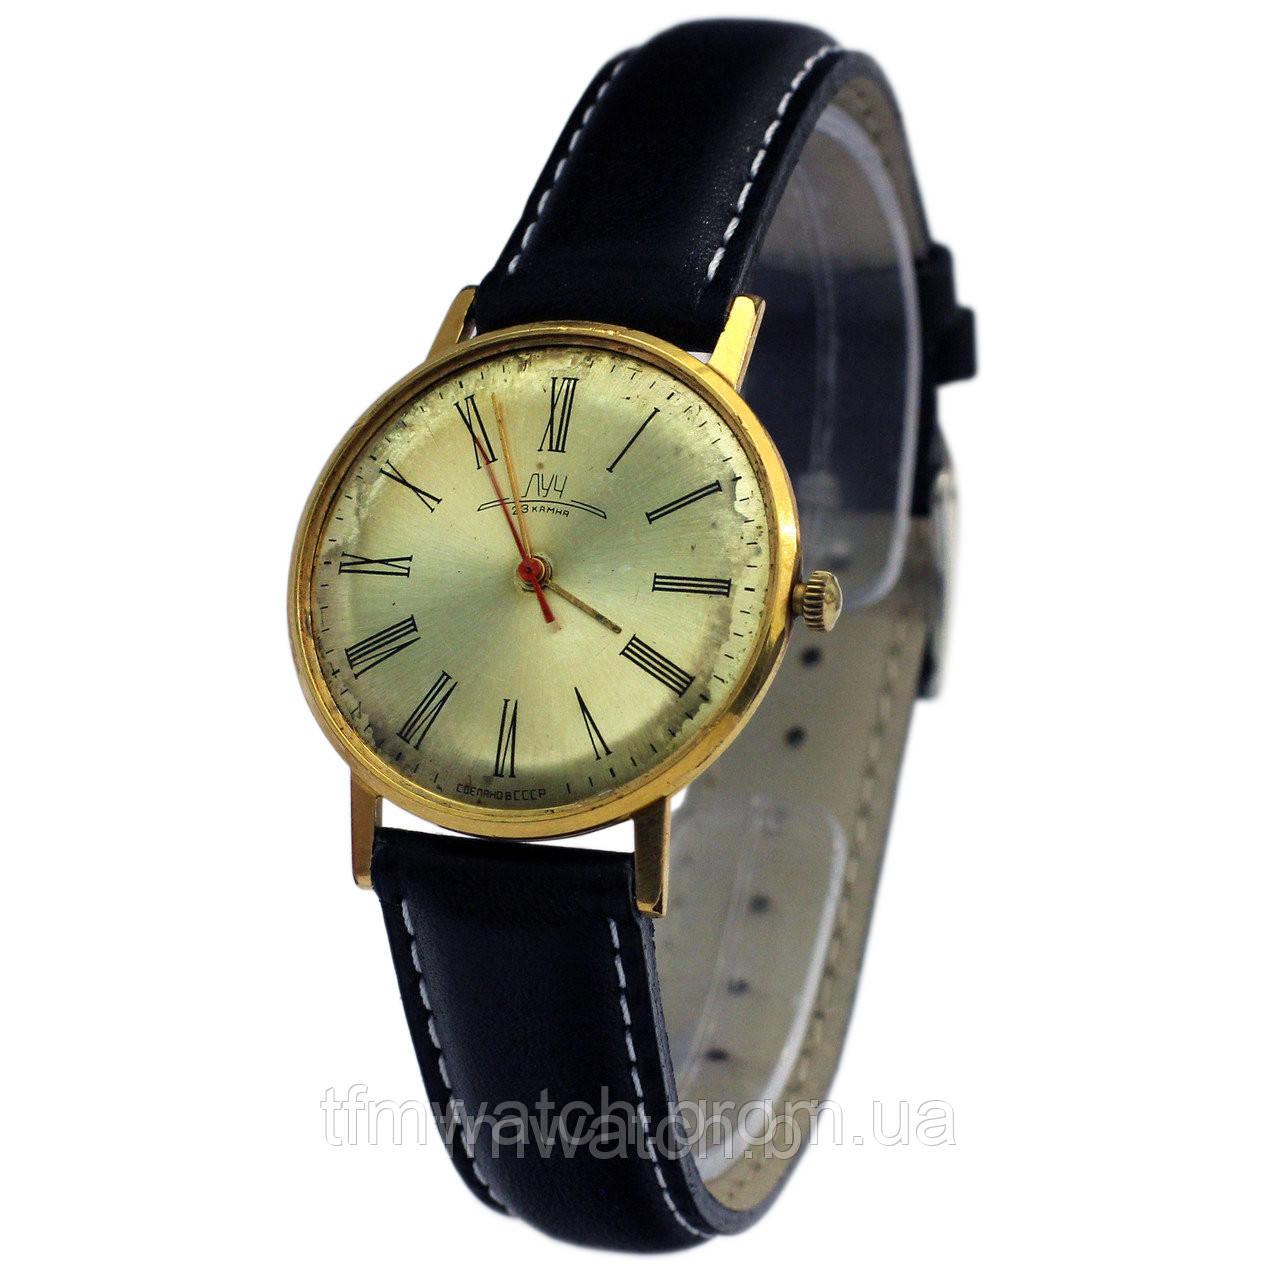 Карманные луч продам часы у швейцарские б срочно часы продать